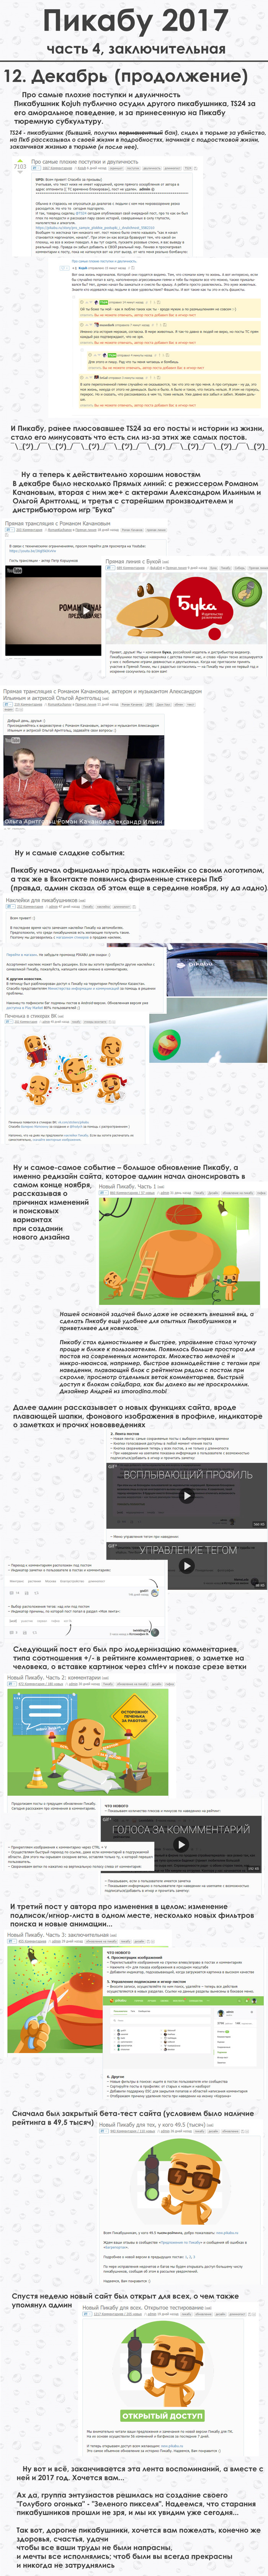 Итоги 2017 (4 часть) Пикабу, Итоги, 2017, Длиннопост, Мемы, События